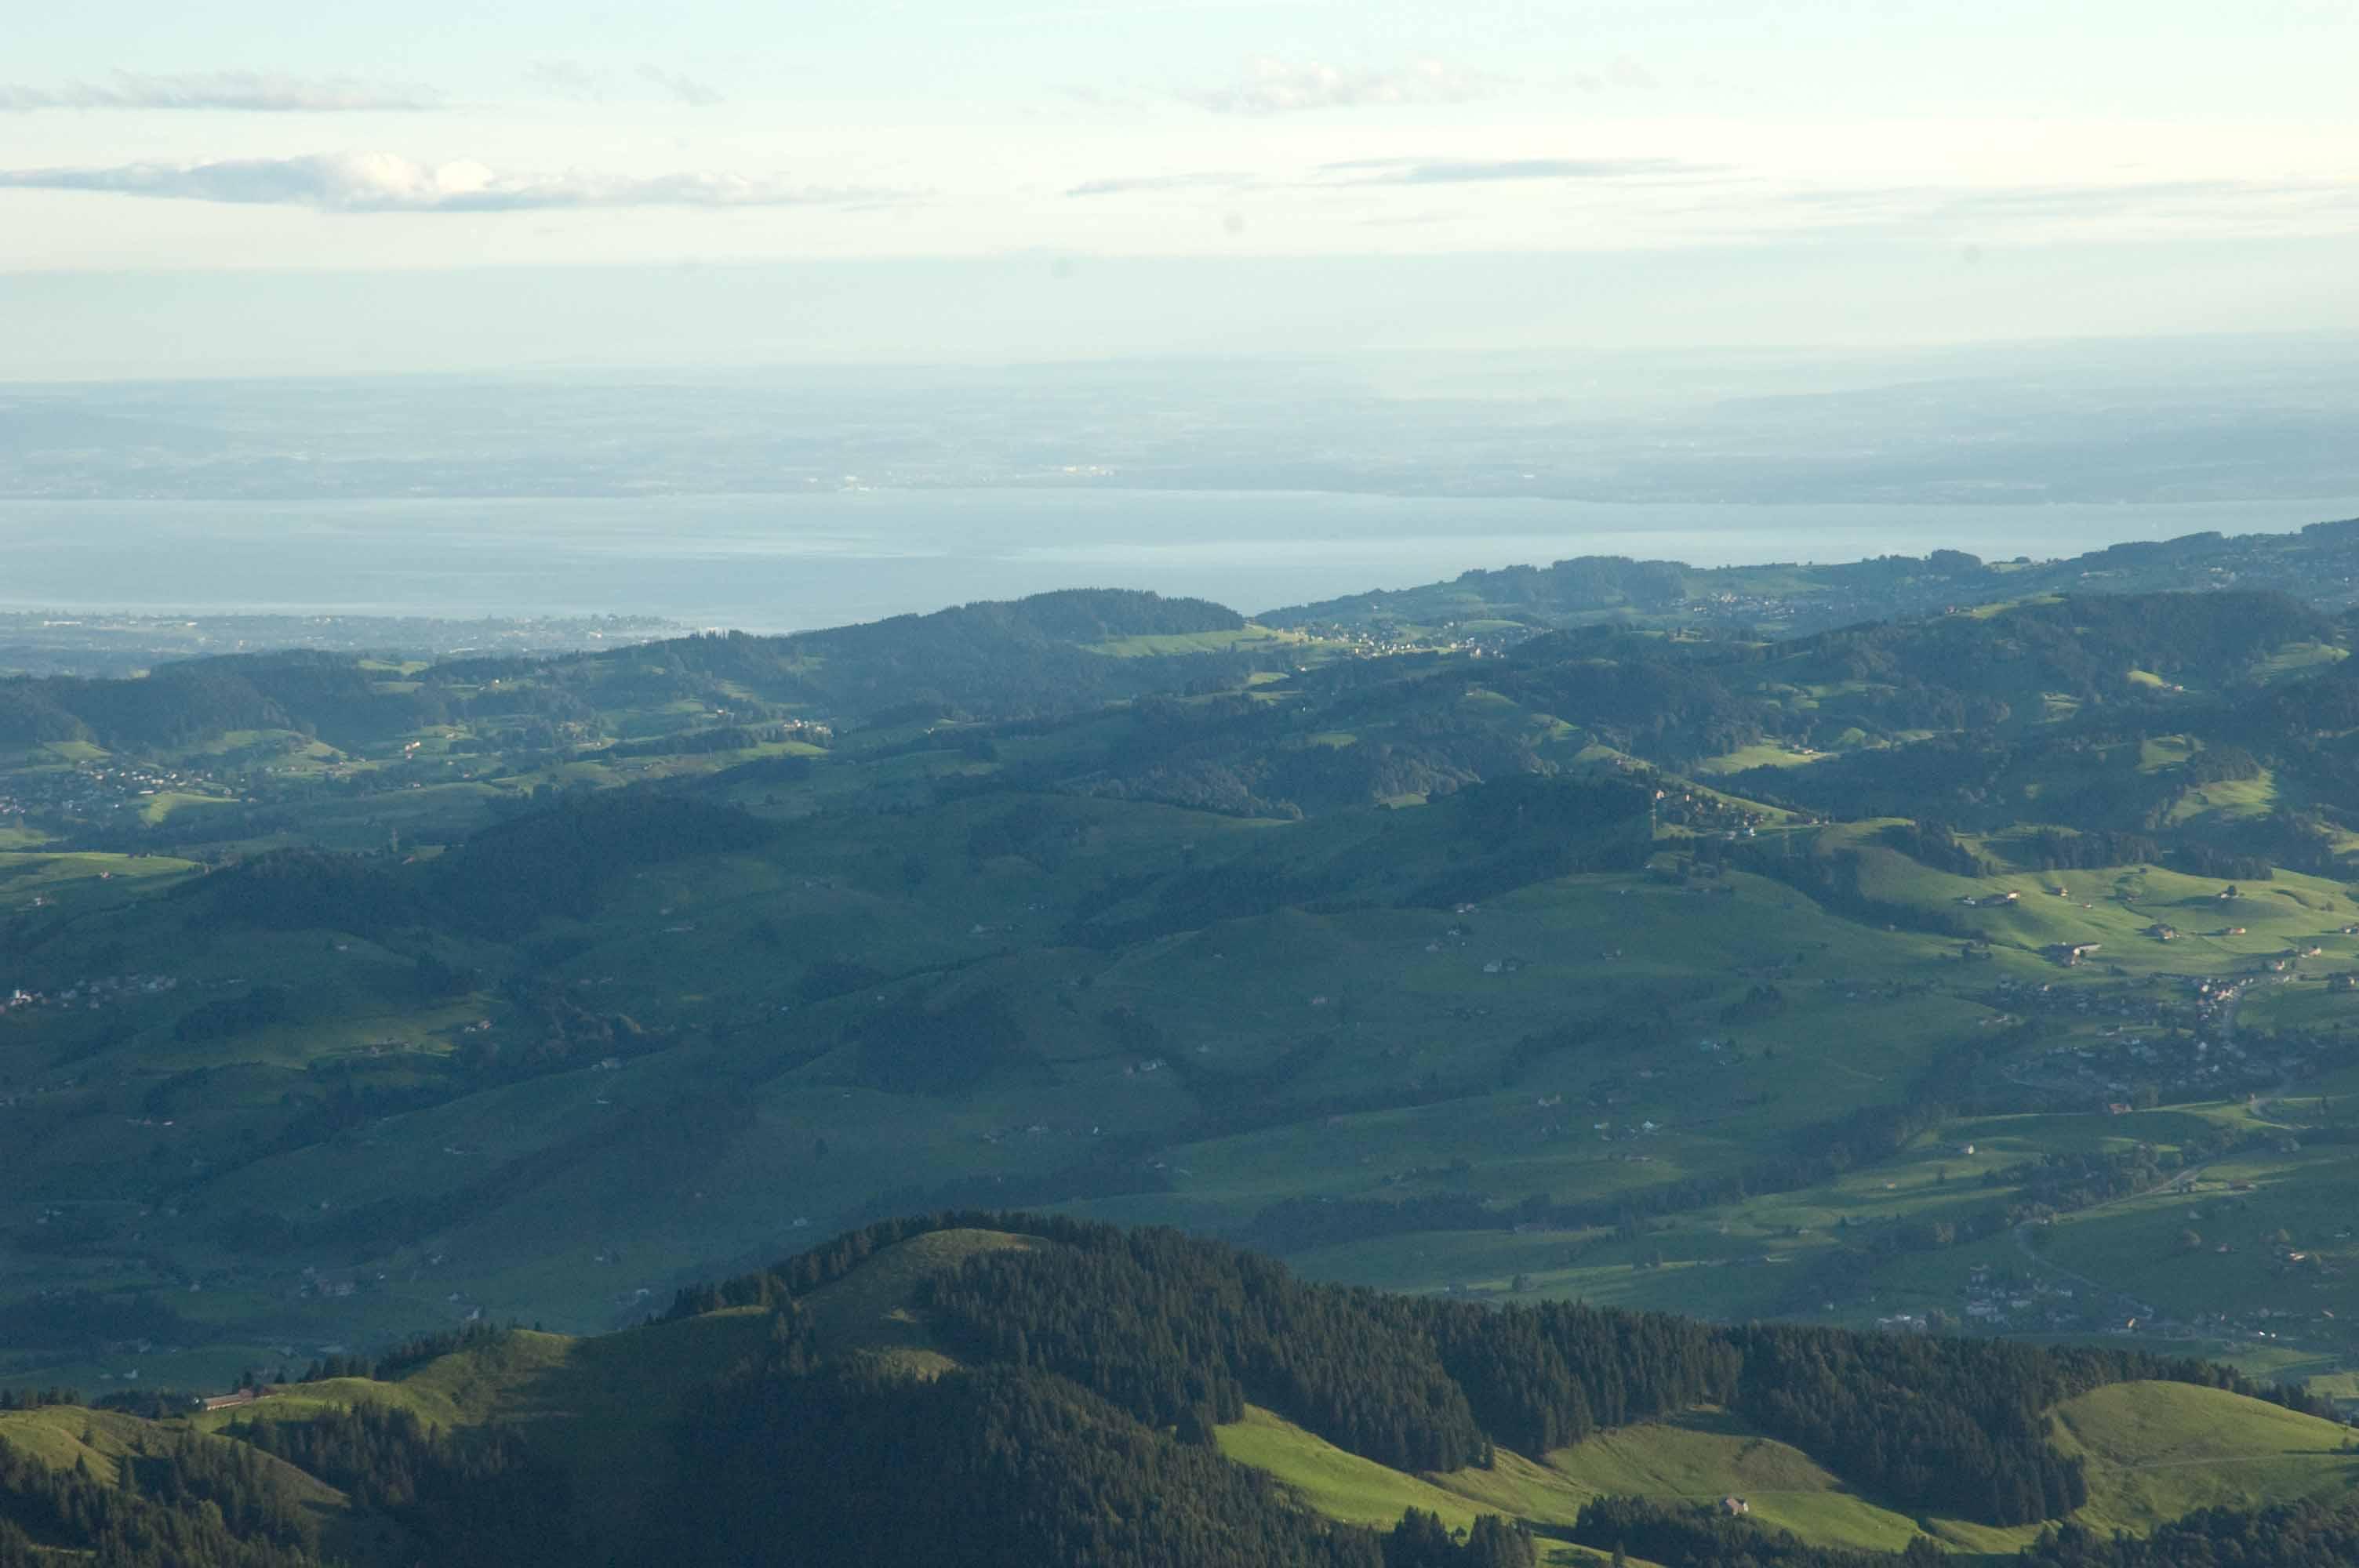 Blick vom Schäfler im Alpstein über die Hügel des Appenzell auf den Bodensee